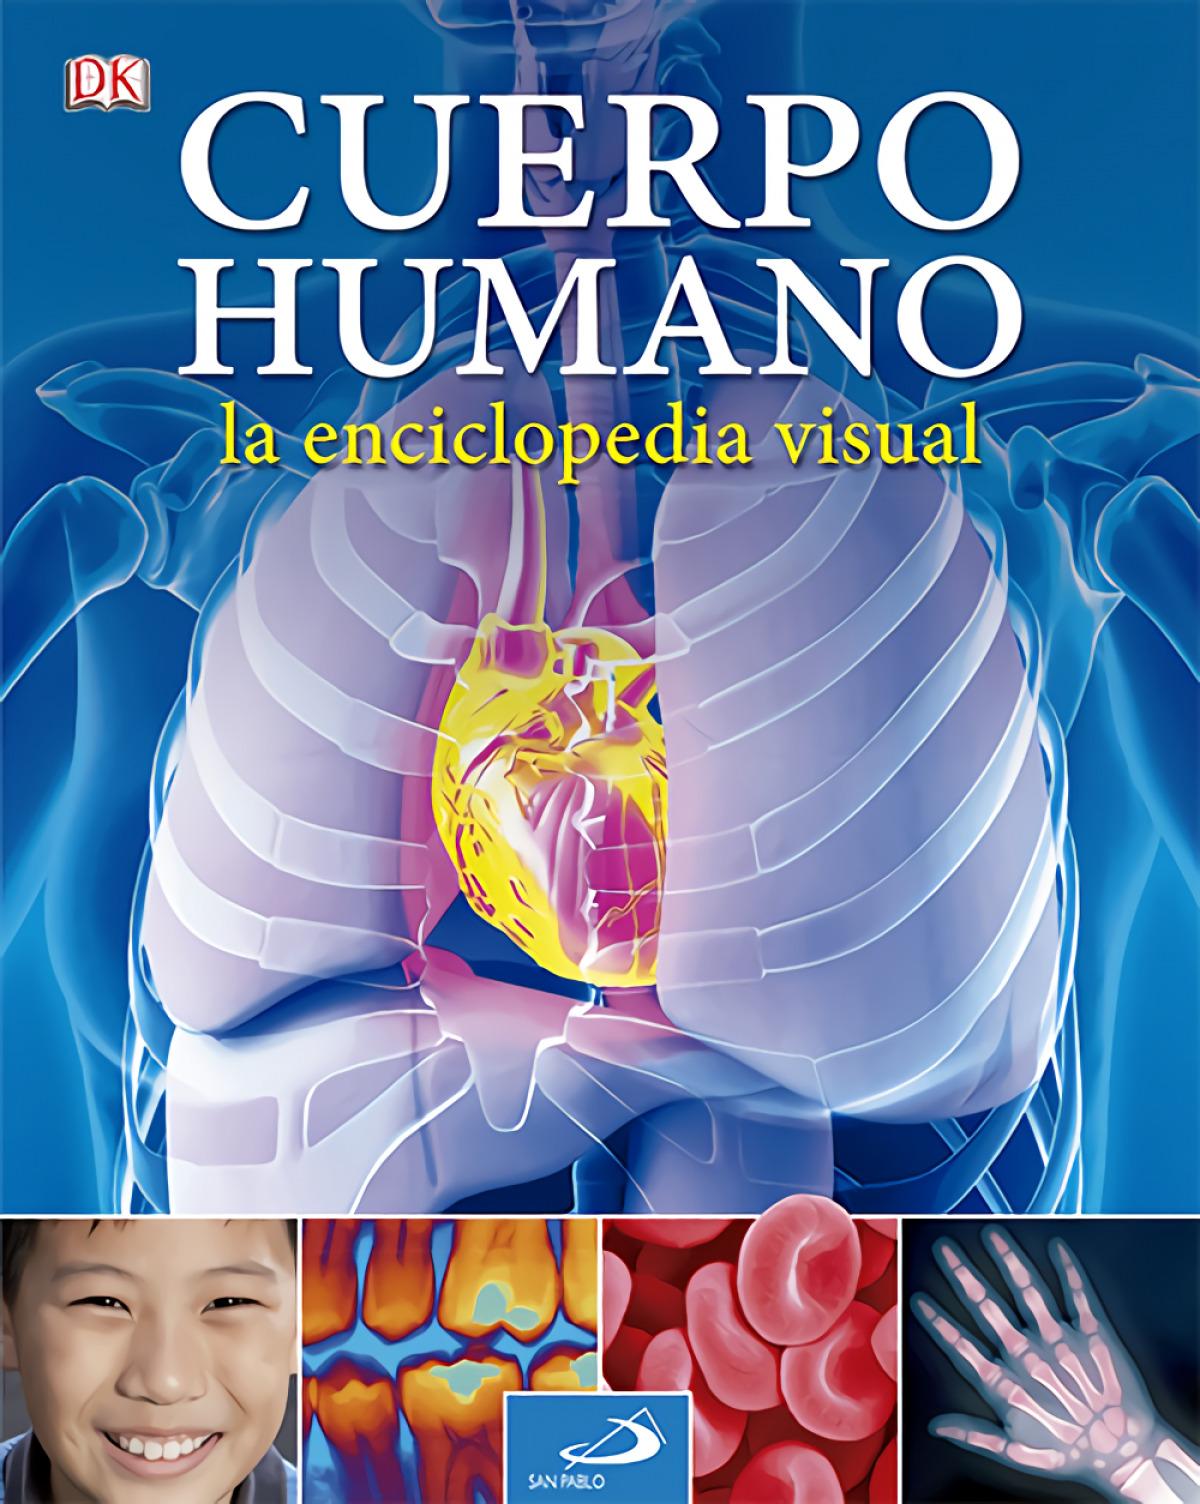 Cuerpo humano 9788428541190